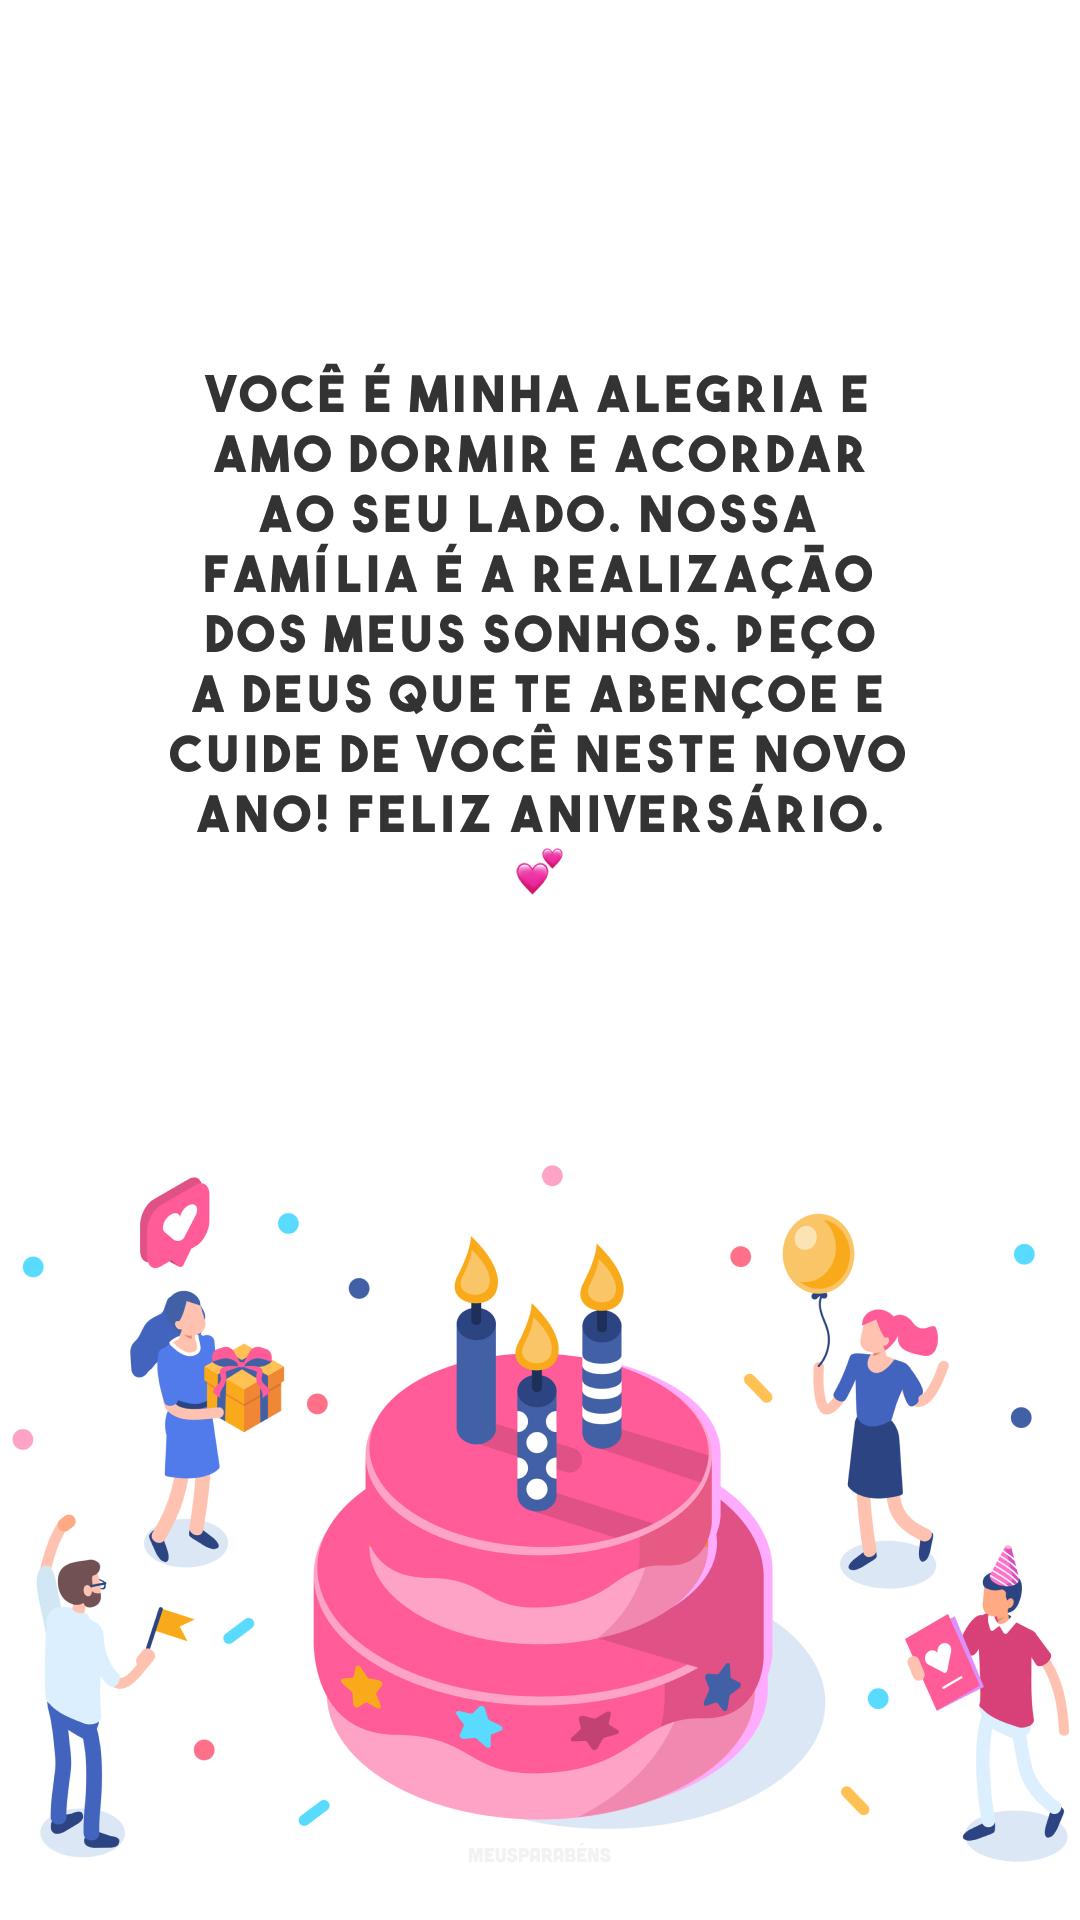 Você é minha alegria e amo dormir e acordar ao seu lado. Nossa família é a realização dos meus sonhos. Peço a Deus que te abençoe e cuide de você neste novo ano! Feliz aniversário. 💕